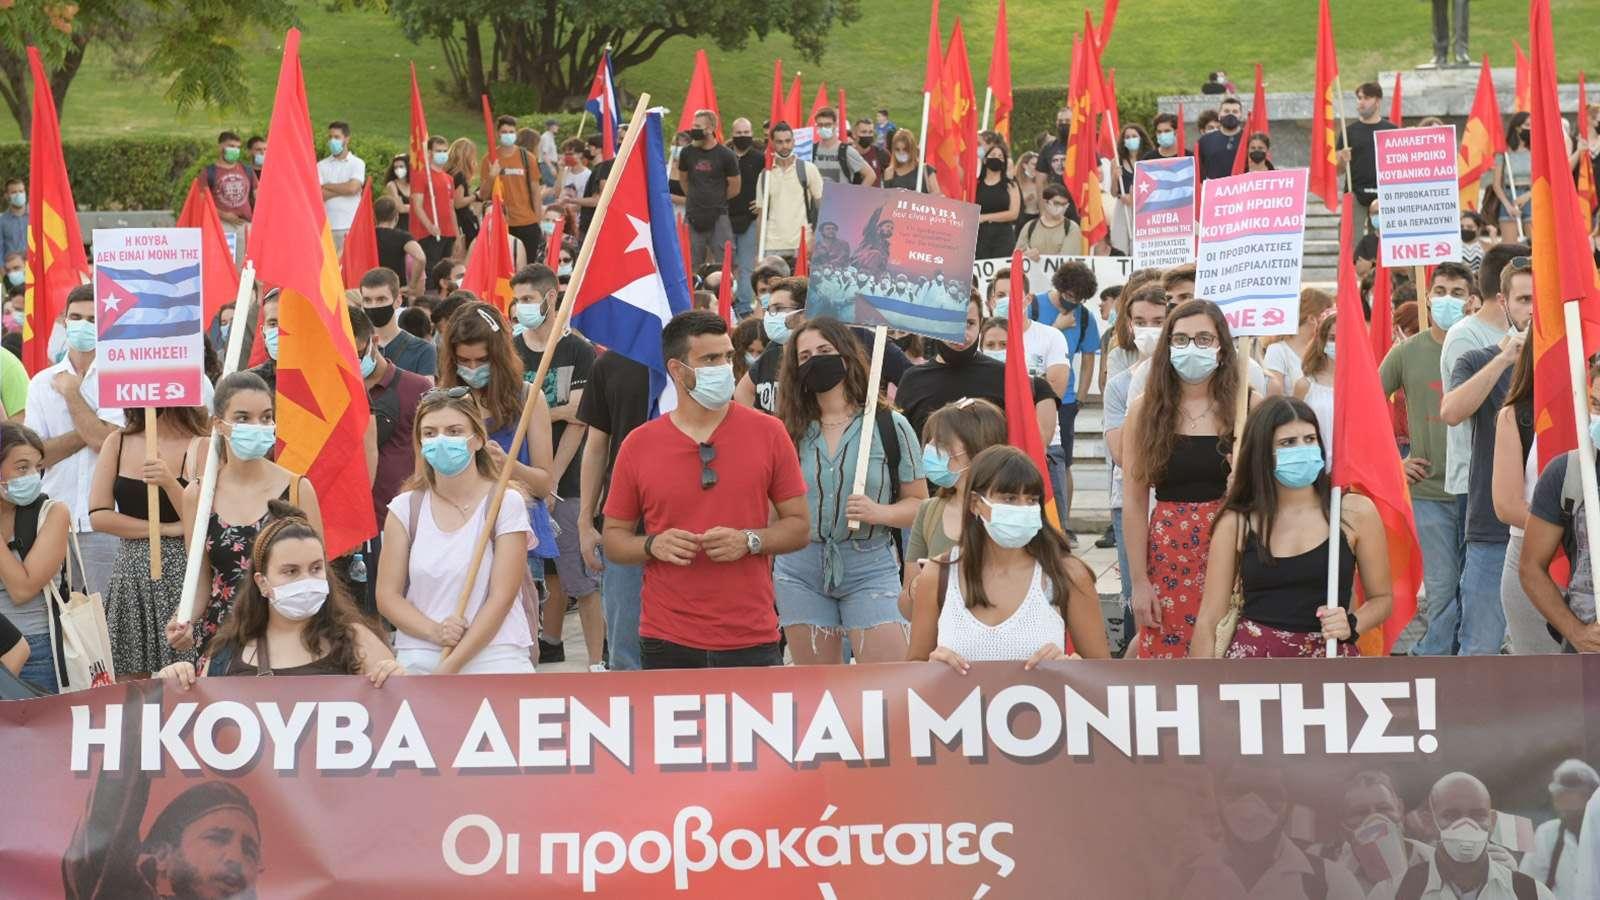 ΚΝΕ Σταματήστε τον αποκλεισμό αφήστε την Κούβα να αναπνεύσει!